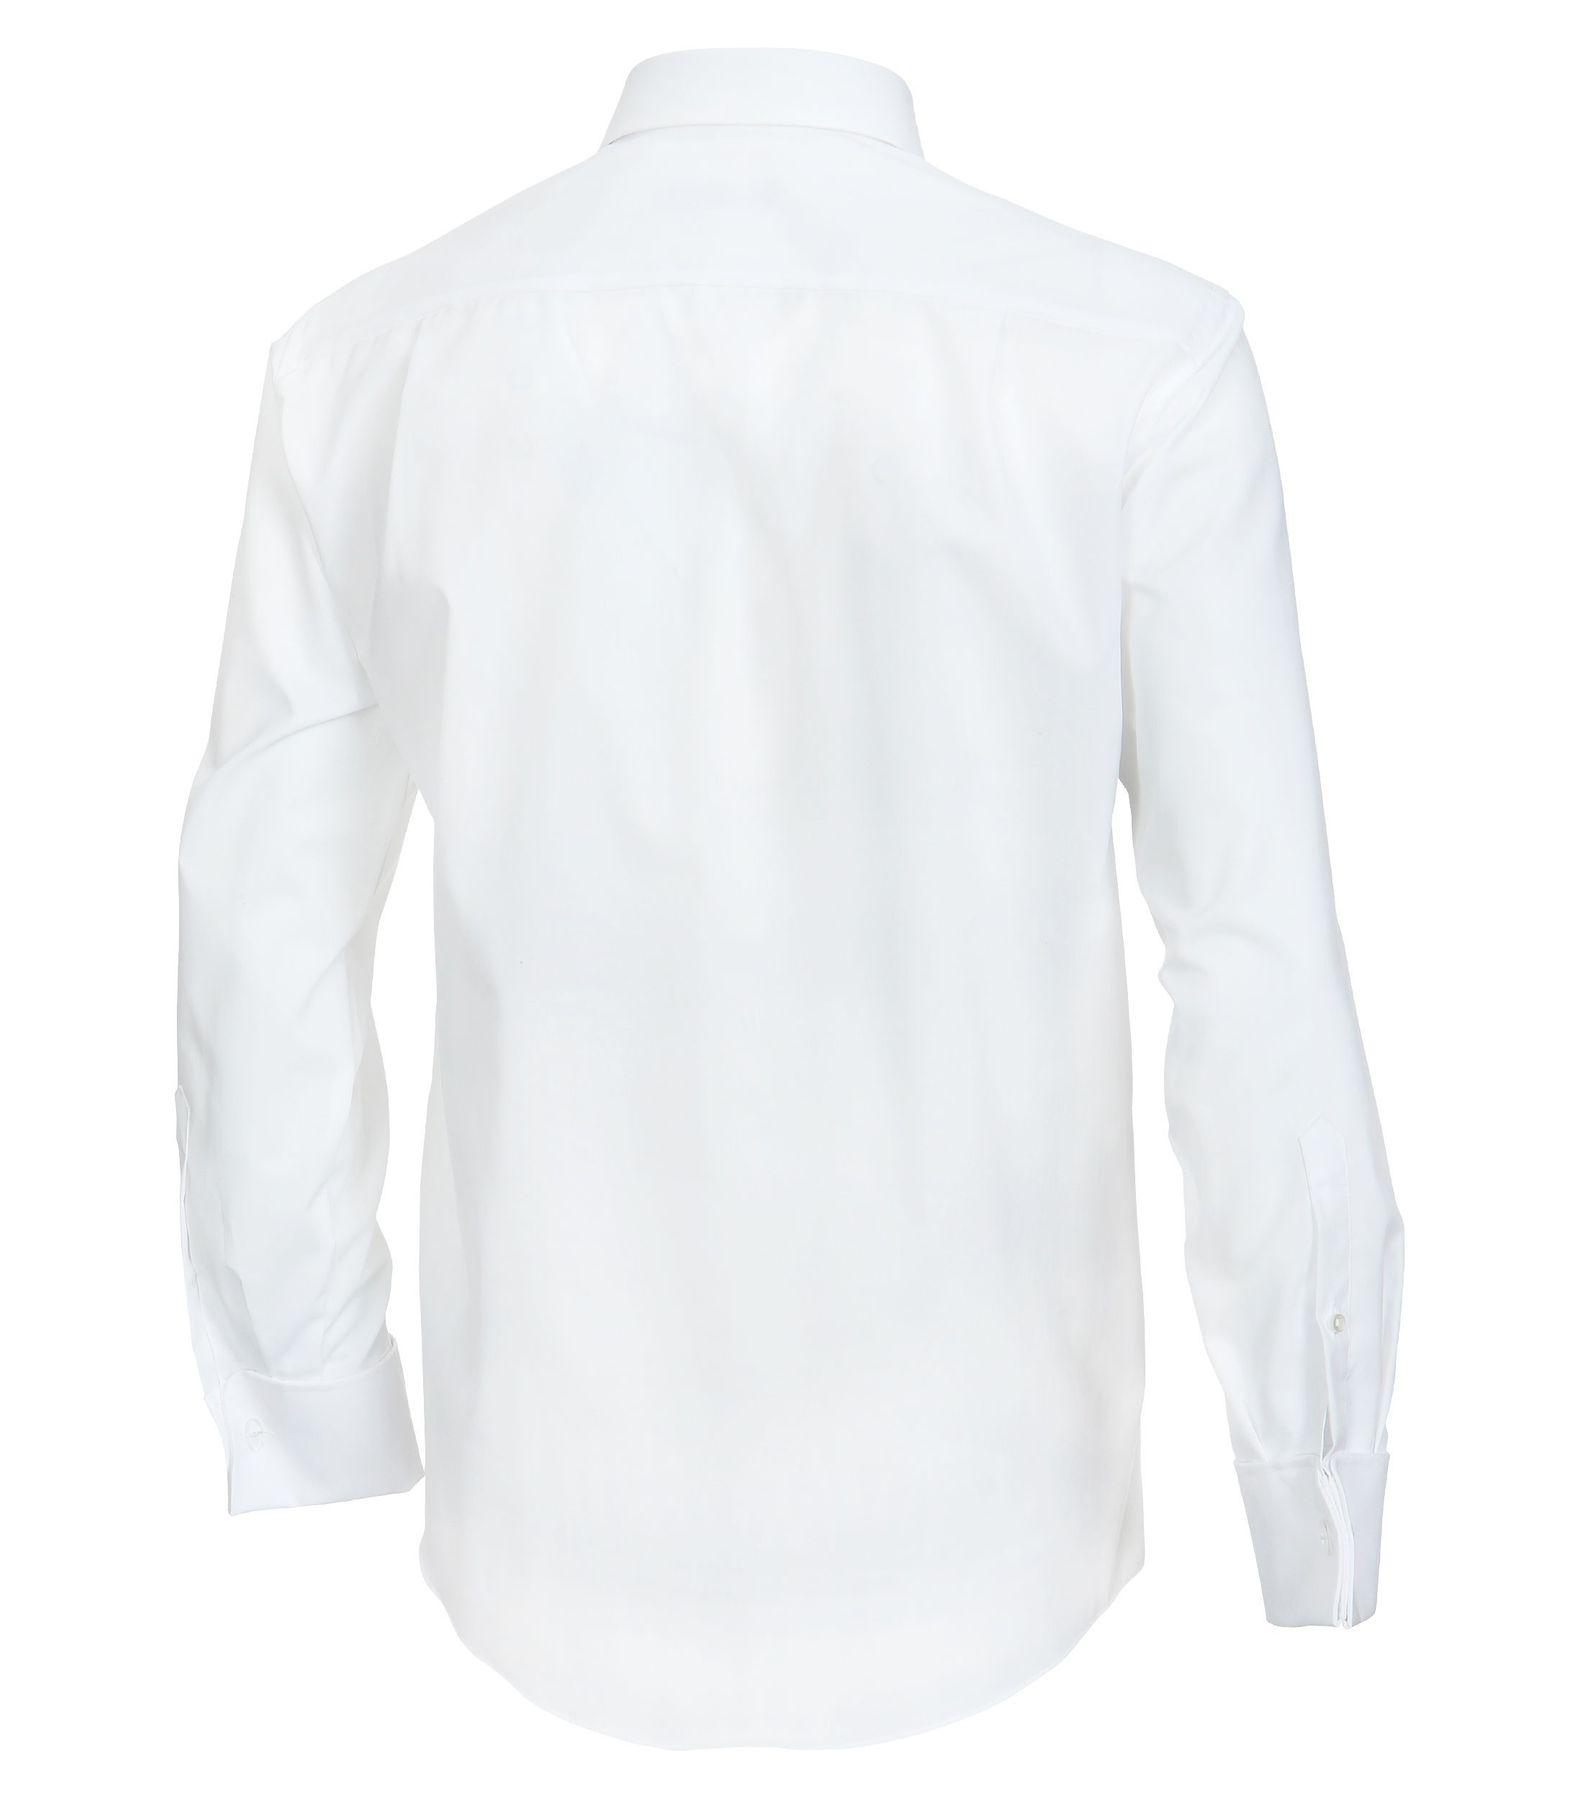 Bundle - Casa Moda - Evening - Festliches Bügelfreies Herren Hemd, weiß und creme (005335) – Bild 2